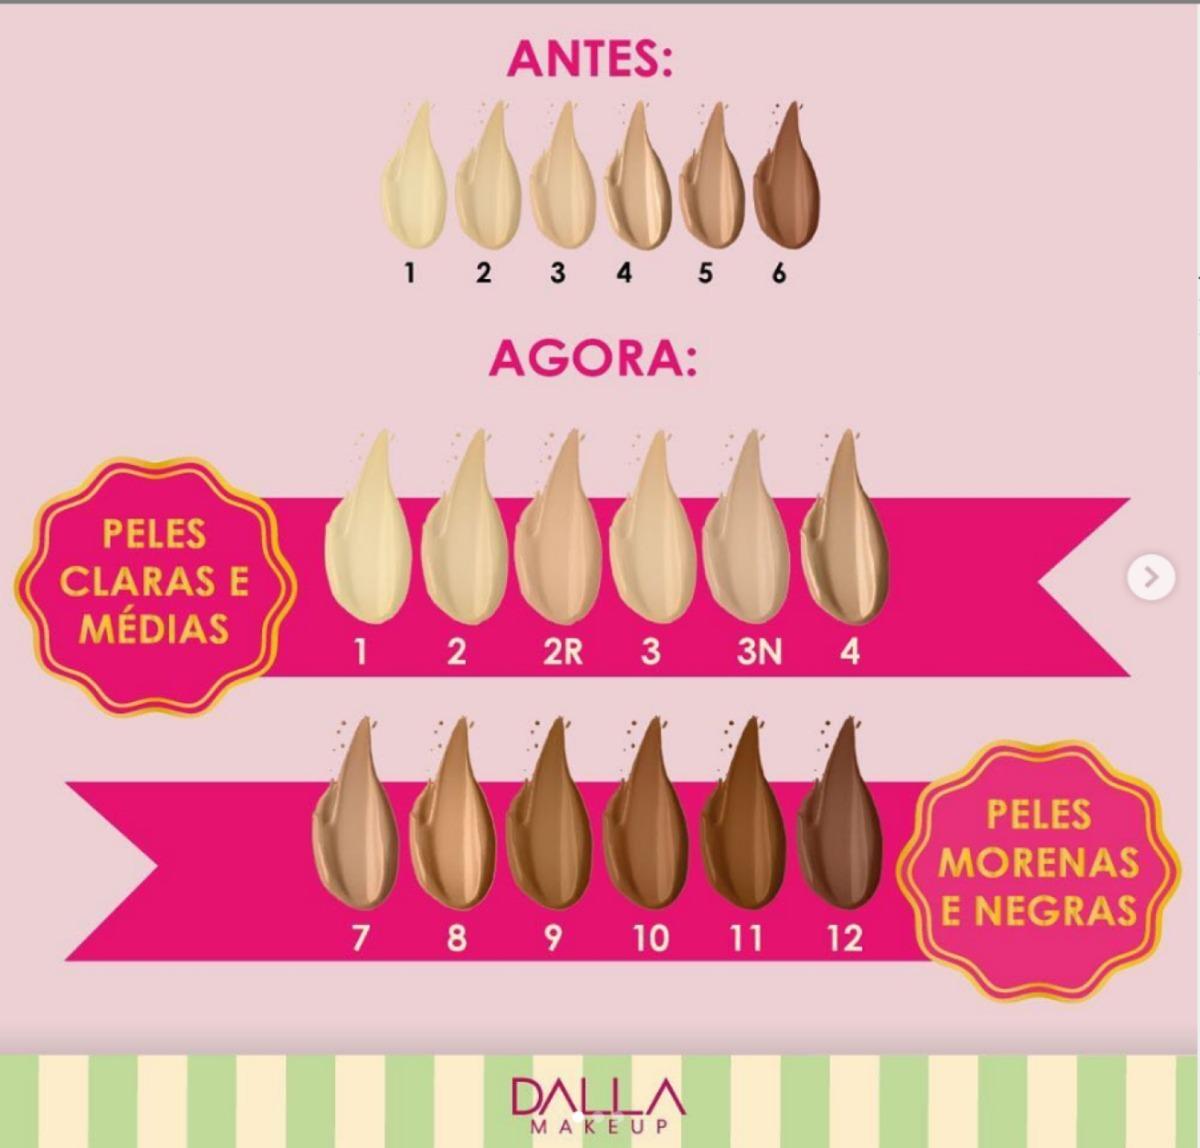 BASE MATTE VEGANA DE ALTA COBERTURA Dalla Makeup-3N